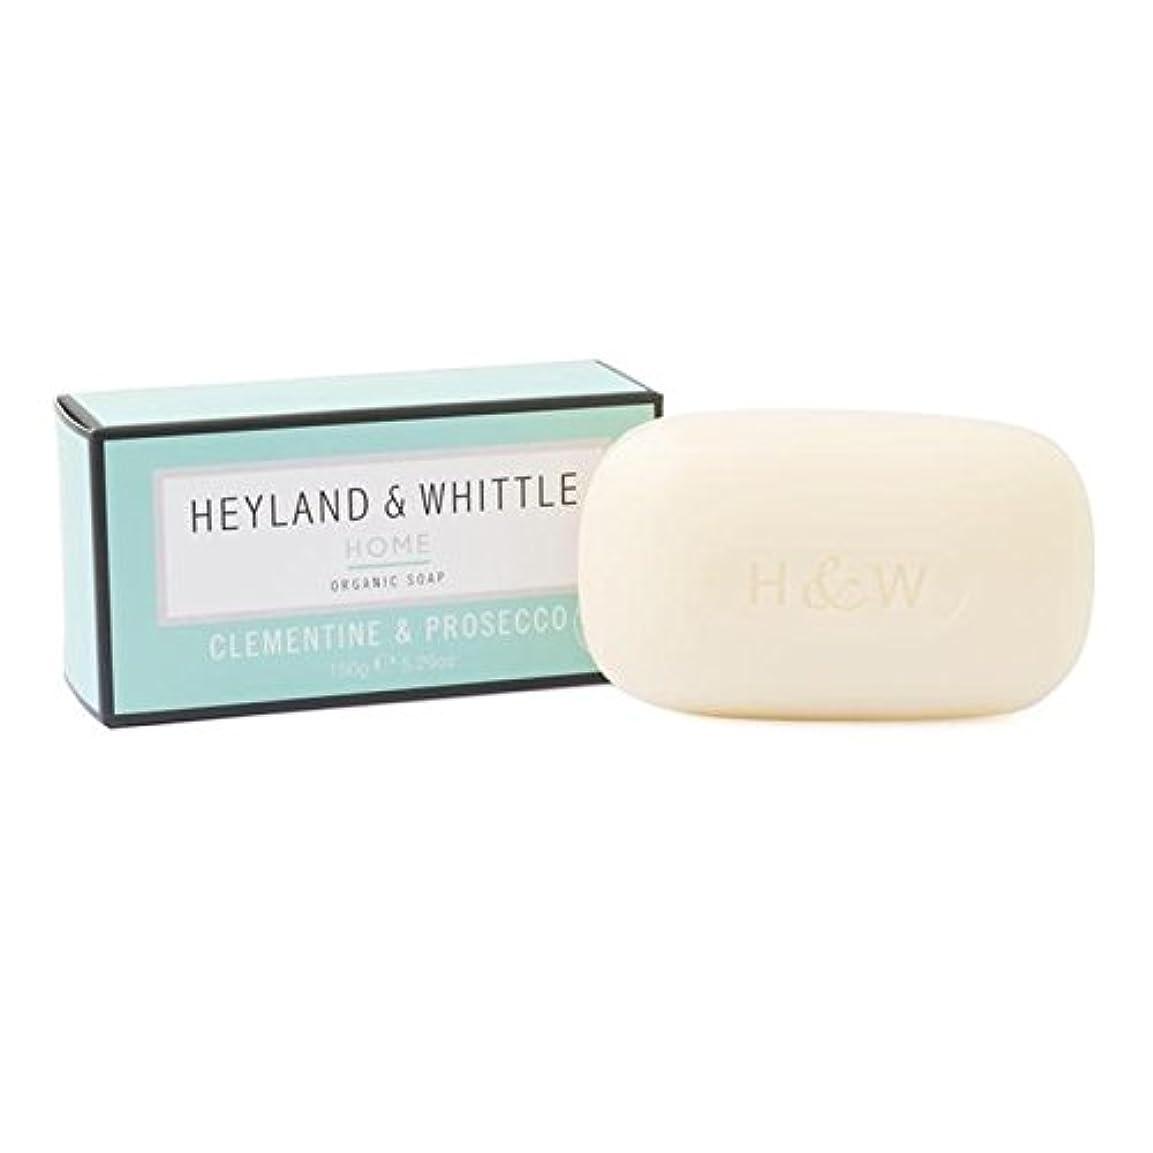 重くするラダ無意味Heyland & Whittle Home Clementine & Prosecco Organic Soap 150g (Pack of 6) - &削るホームクレメンタイン&プロセッコ有機石鹸150グラム x6...